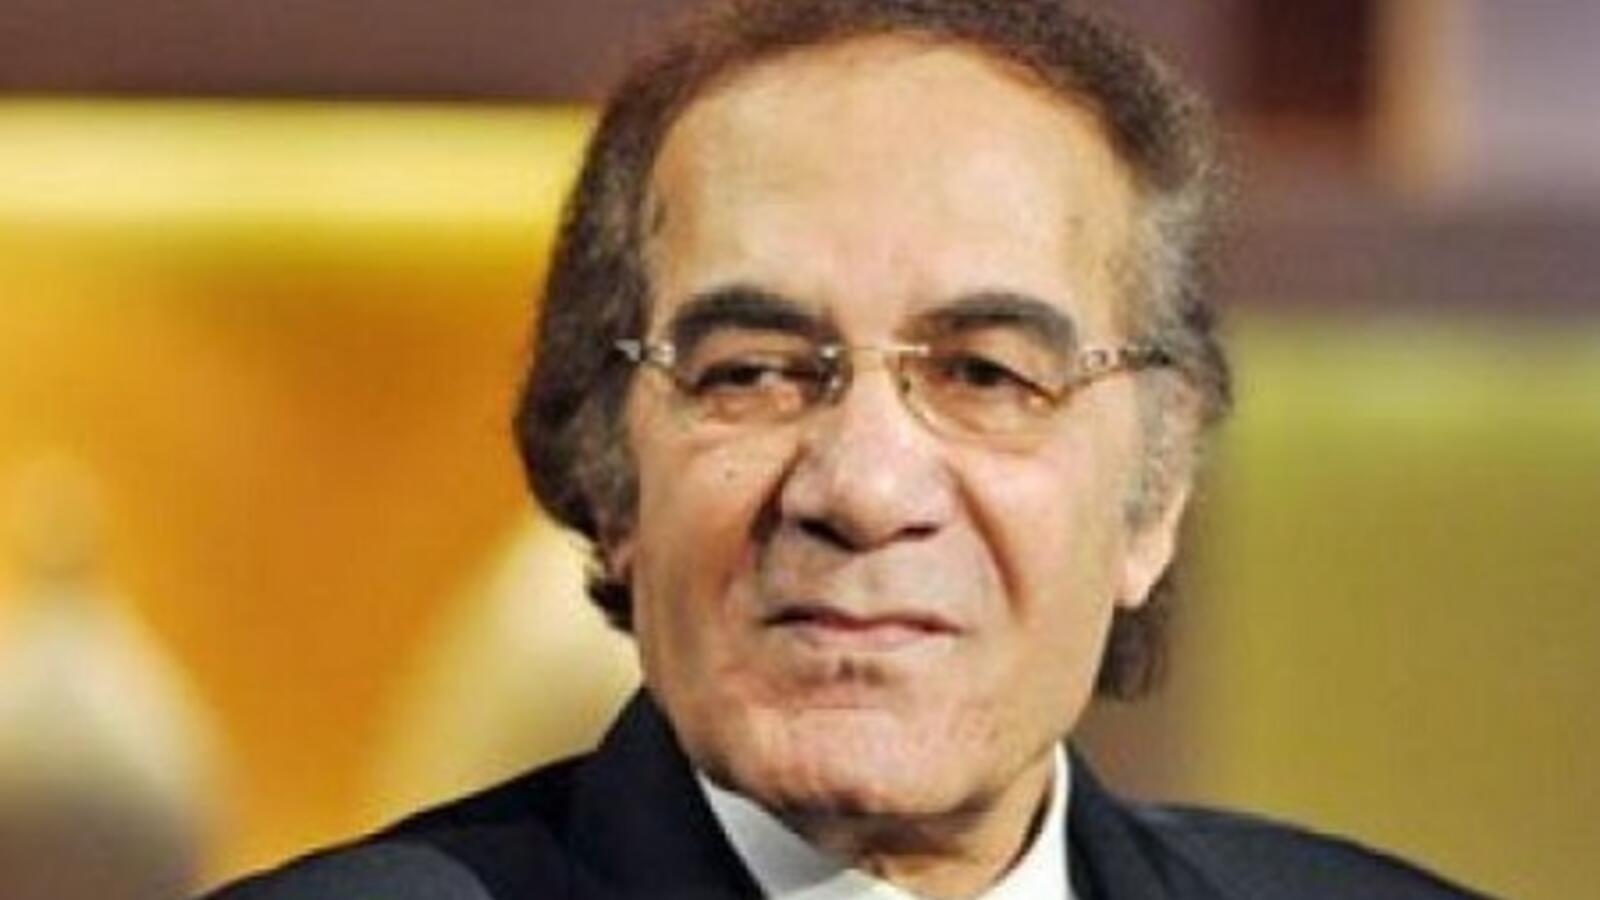 محمود ياسين.. فاتن حمامة أعطته فرصة البطولة وقصة حب مع شهيرة وخلاف مع عادل إمام